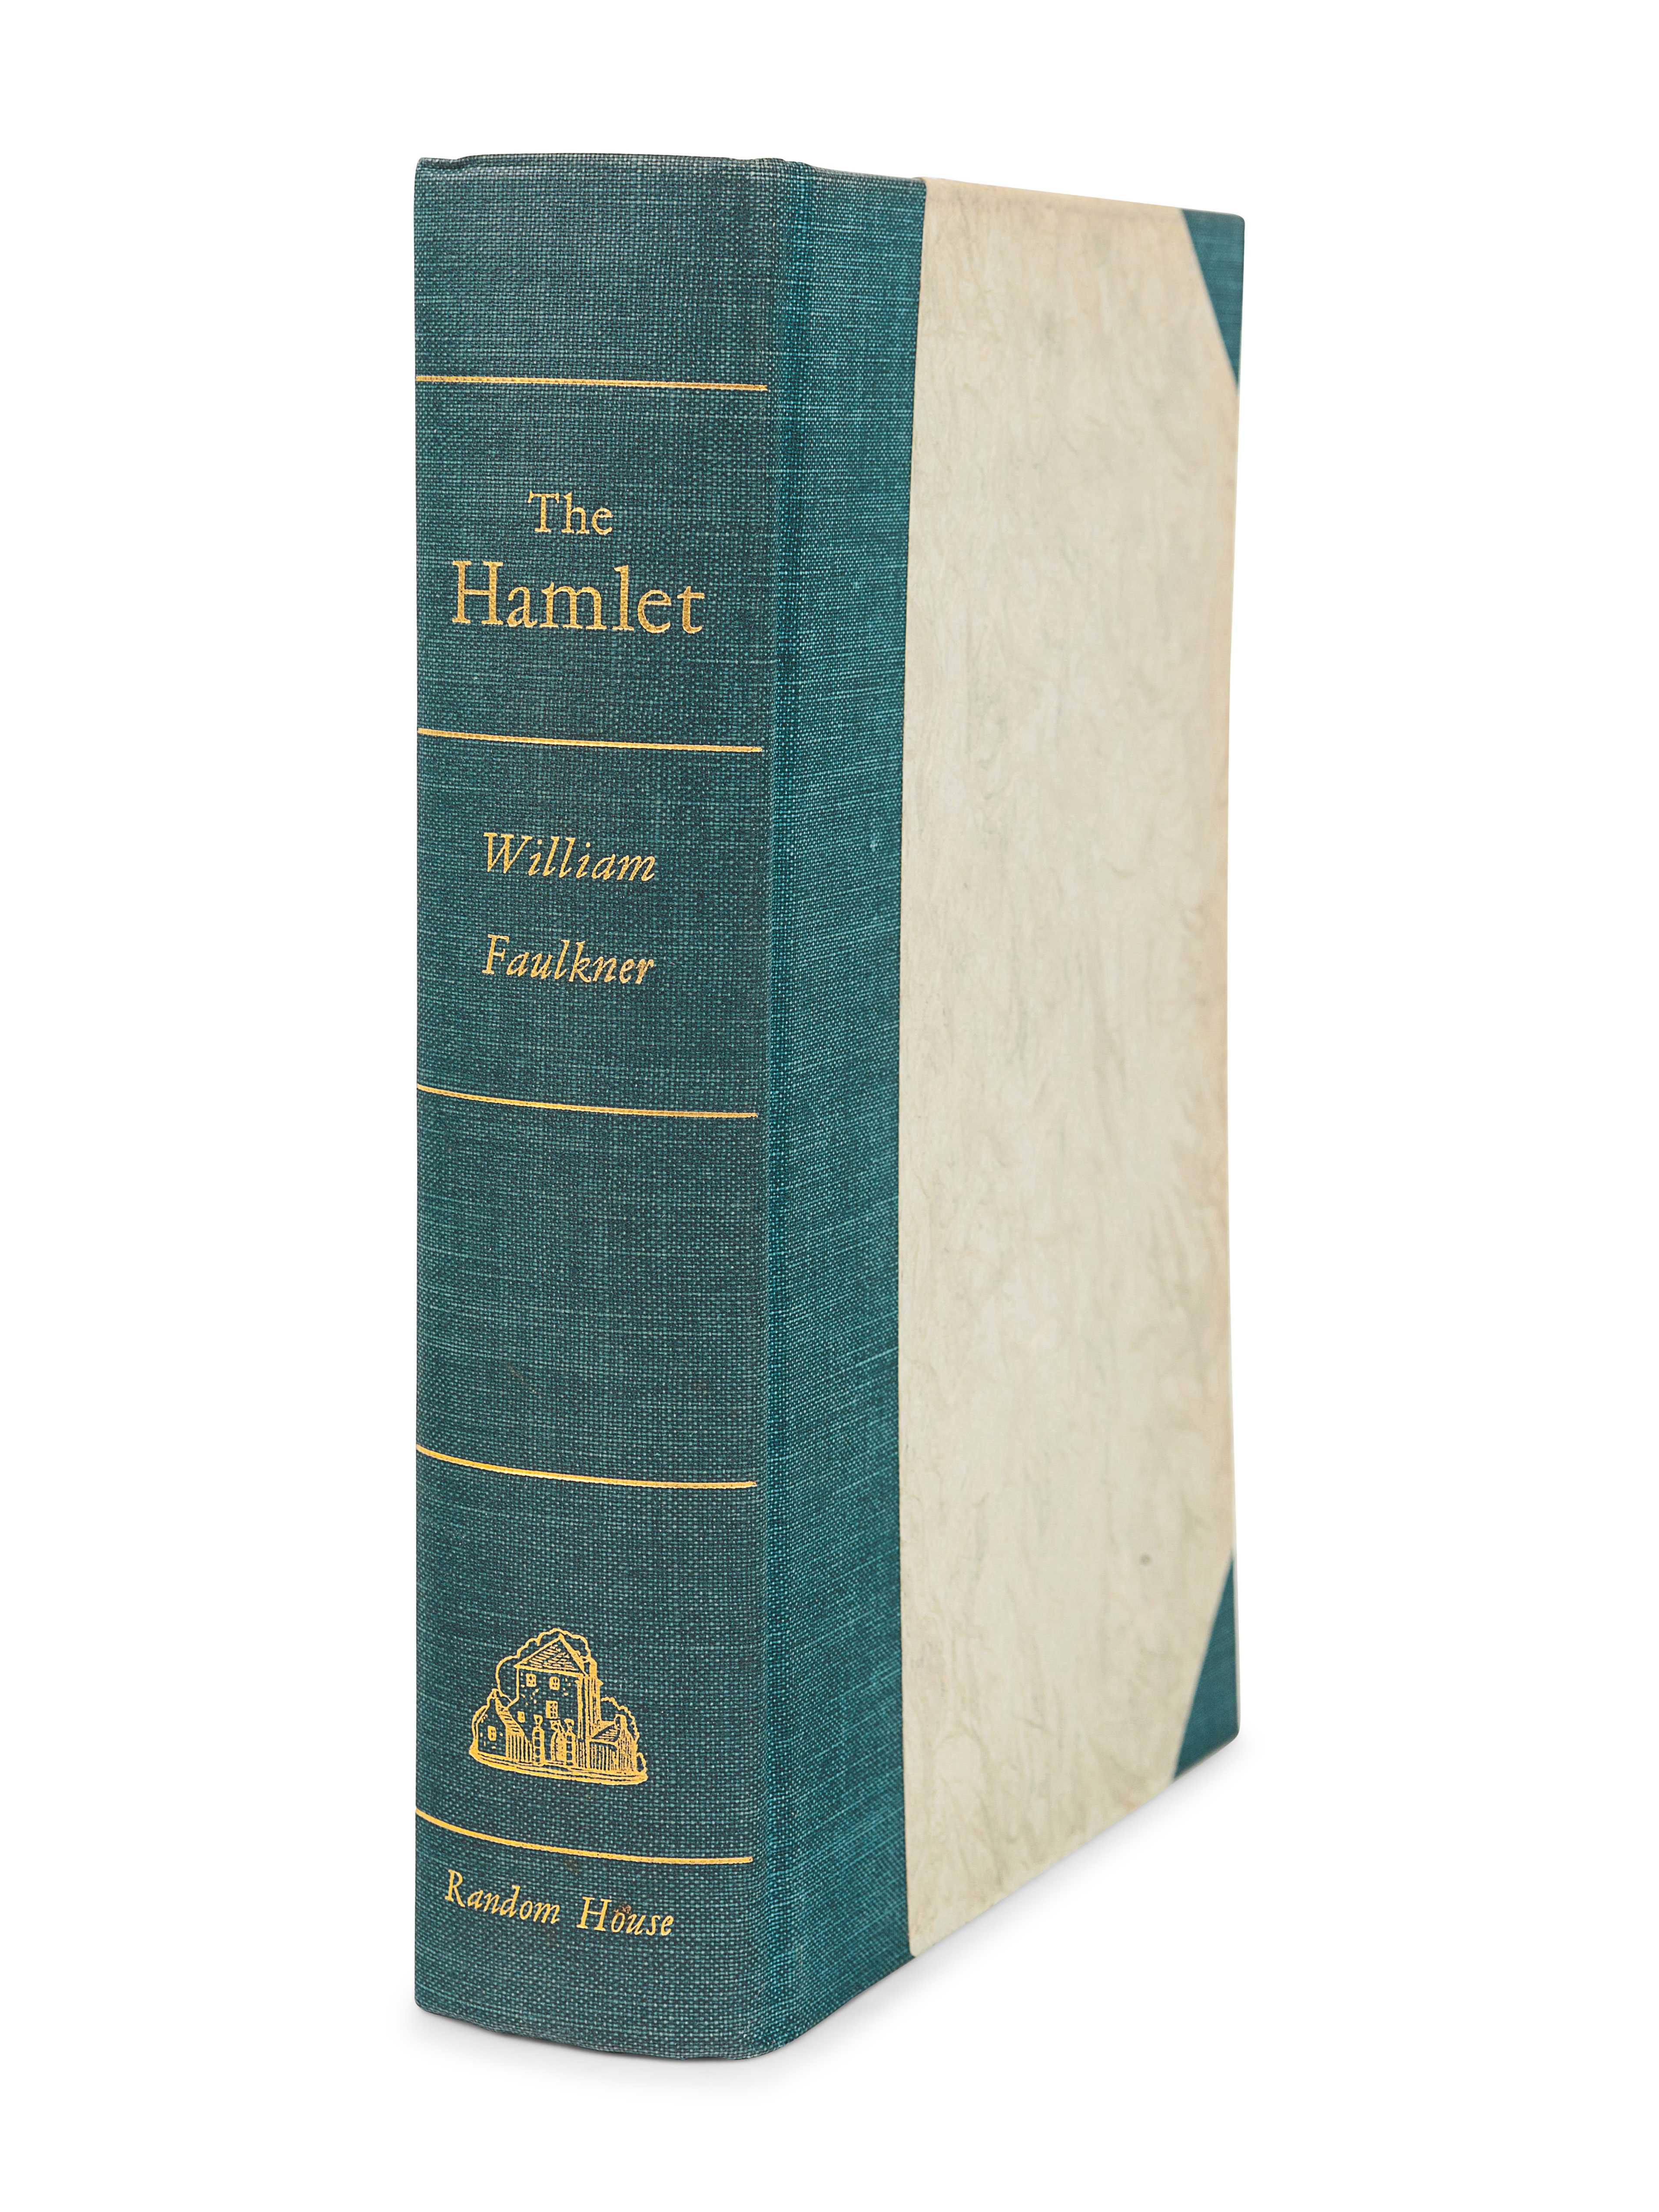 FAULKNER, William (1897-1962). The Hamlet. New York: Random House, 1940. - Image 2 of 3